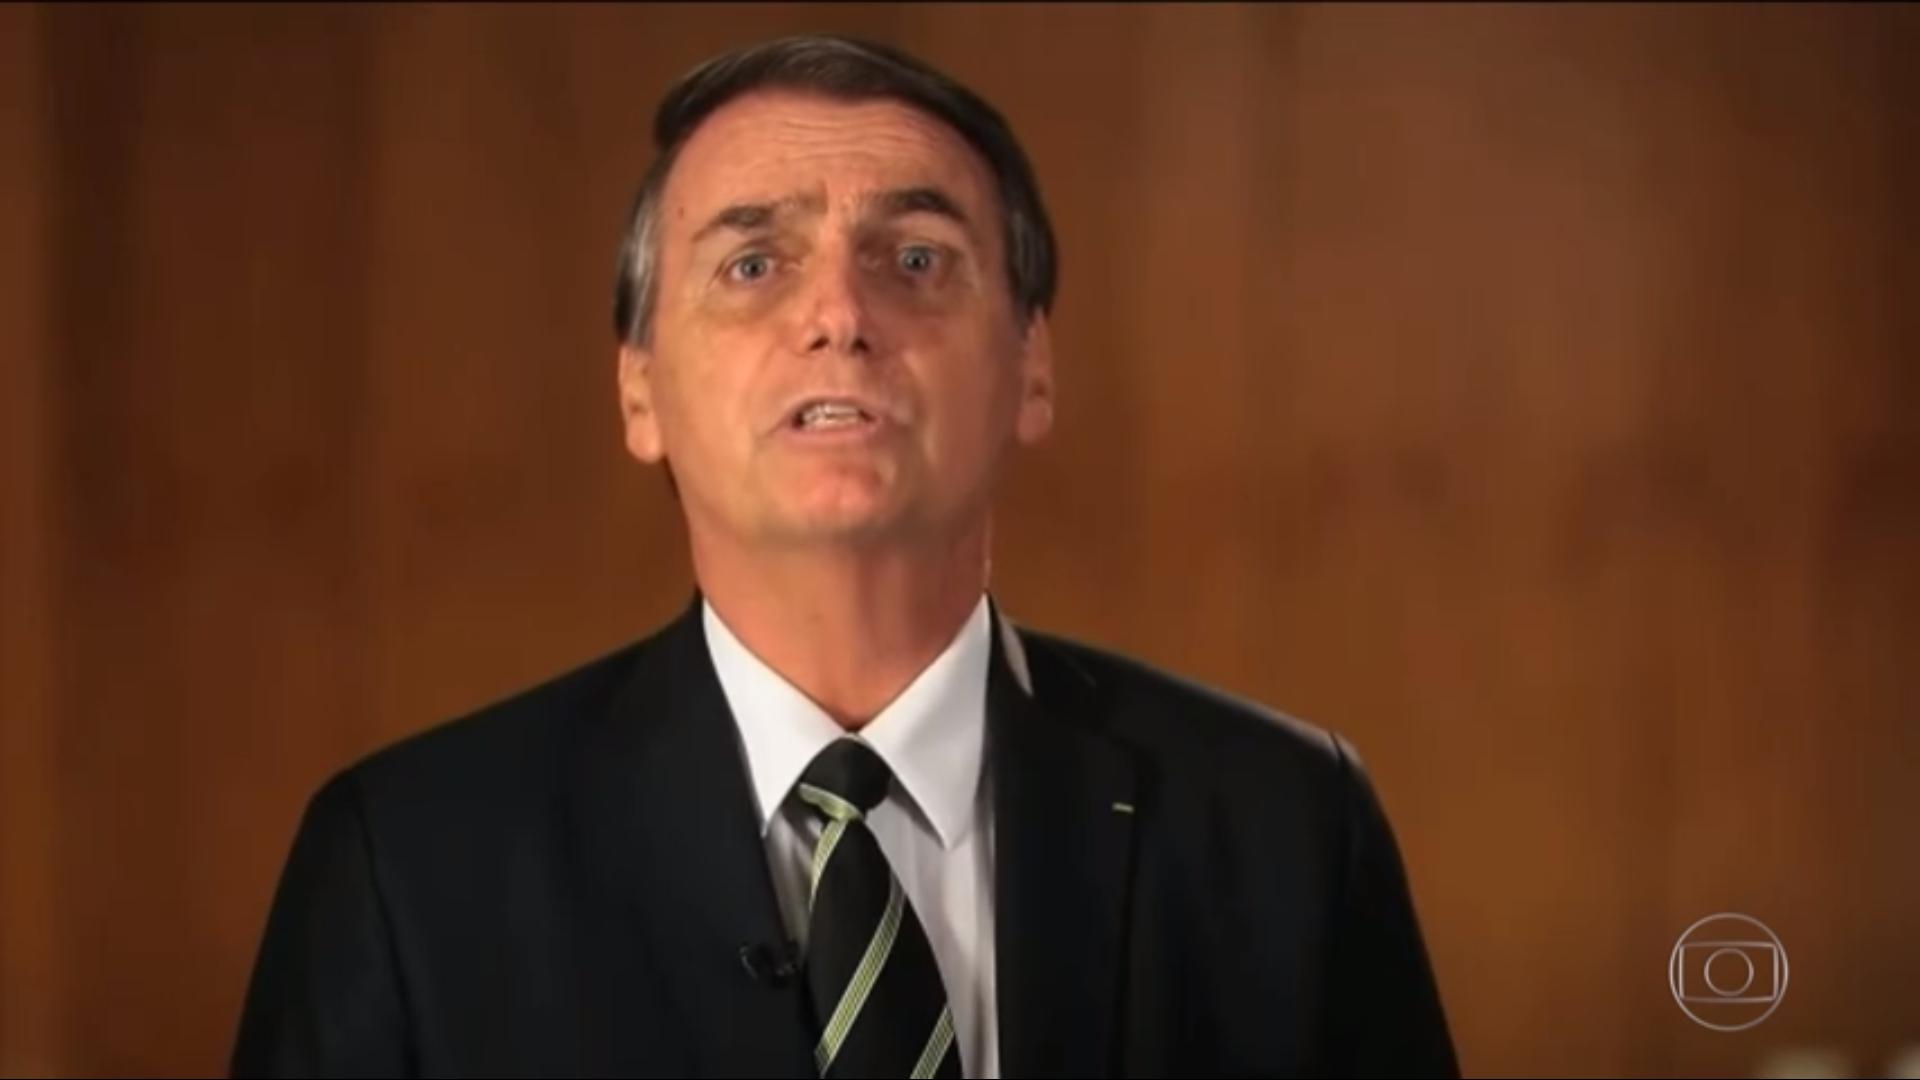 Este homem diz acreditar na seriedade de Gustavo Bebianno. Por que o demitiu? Foto: Reprodução/TV Globo